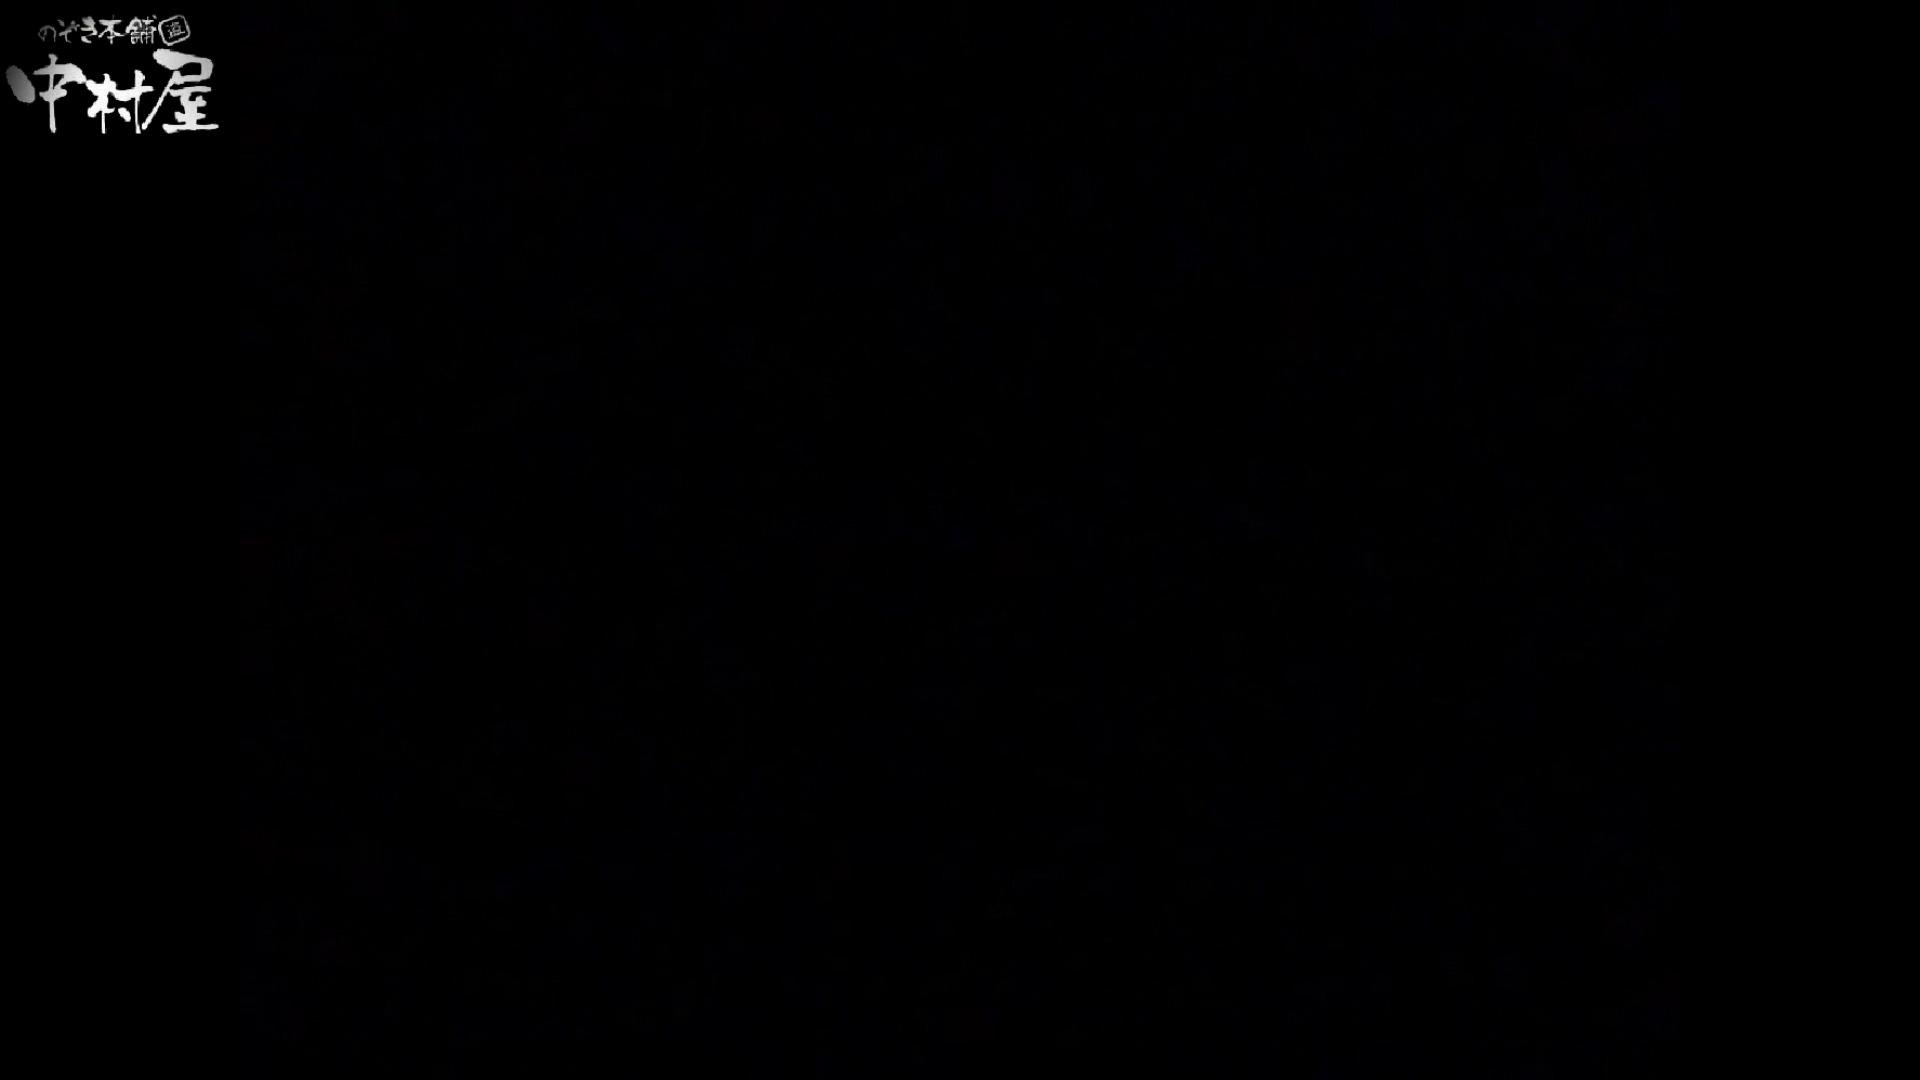 民家風呂専門盗撮師の超危険映像 vol.012 股間 | 民家エロ投稿  70画像 49